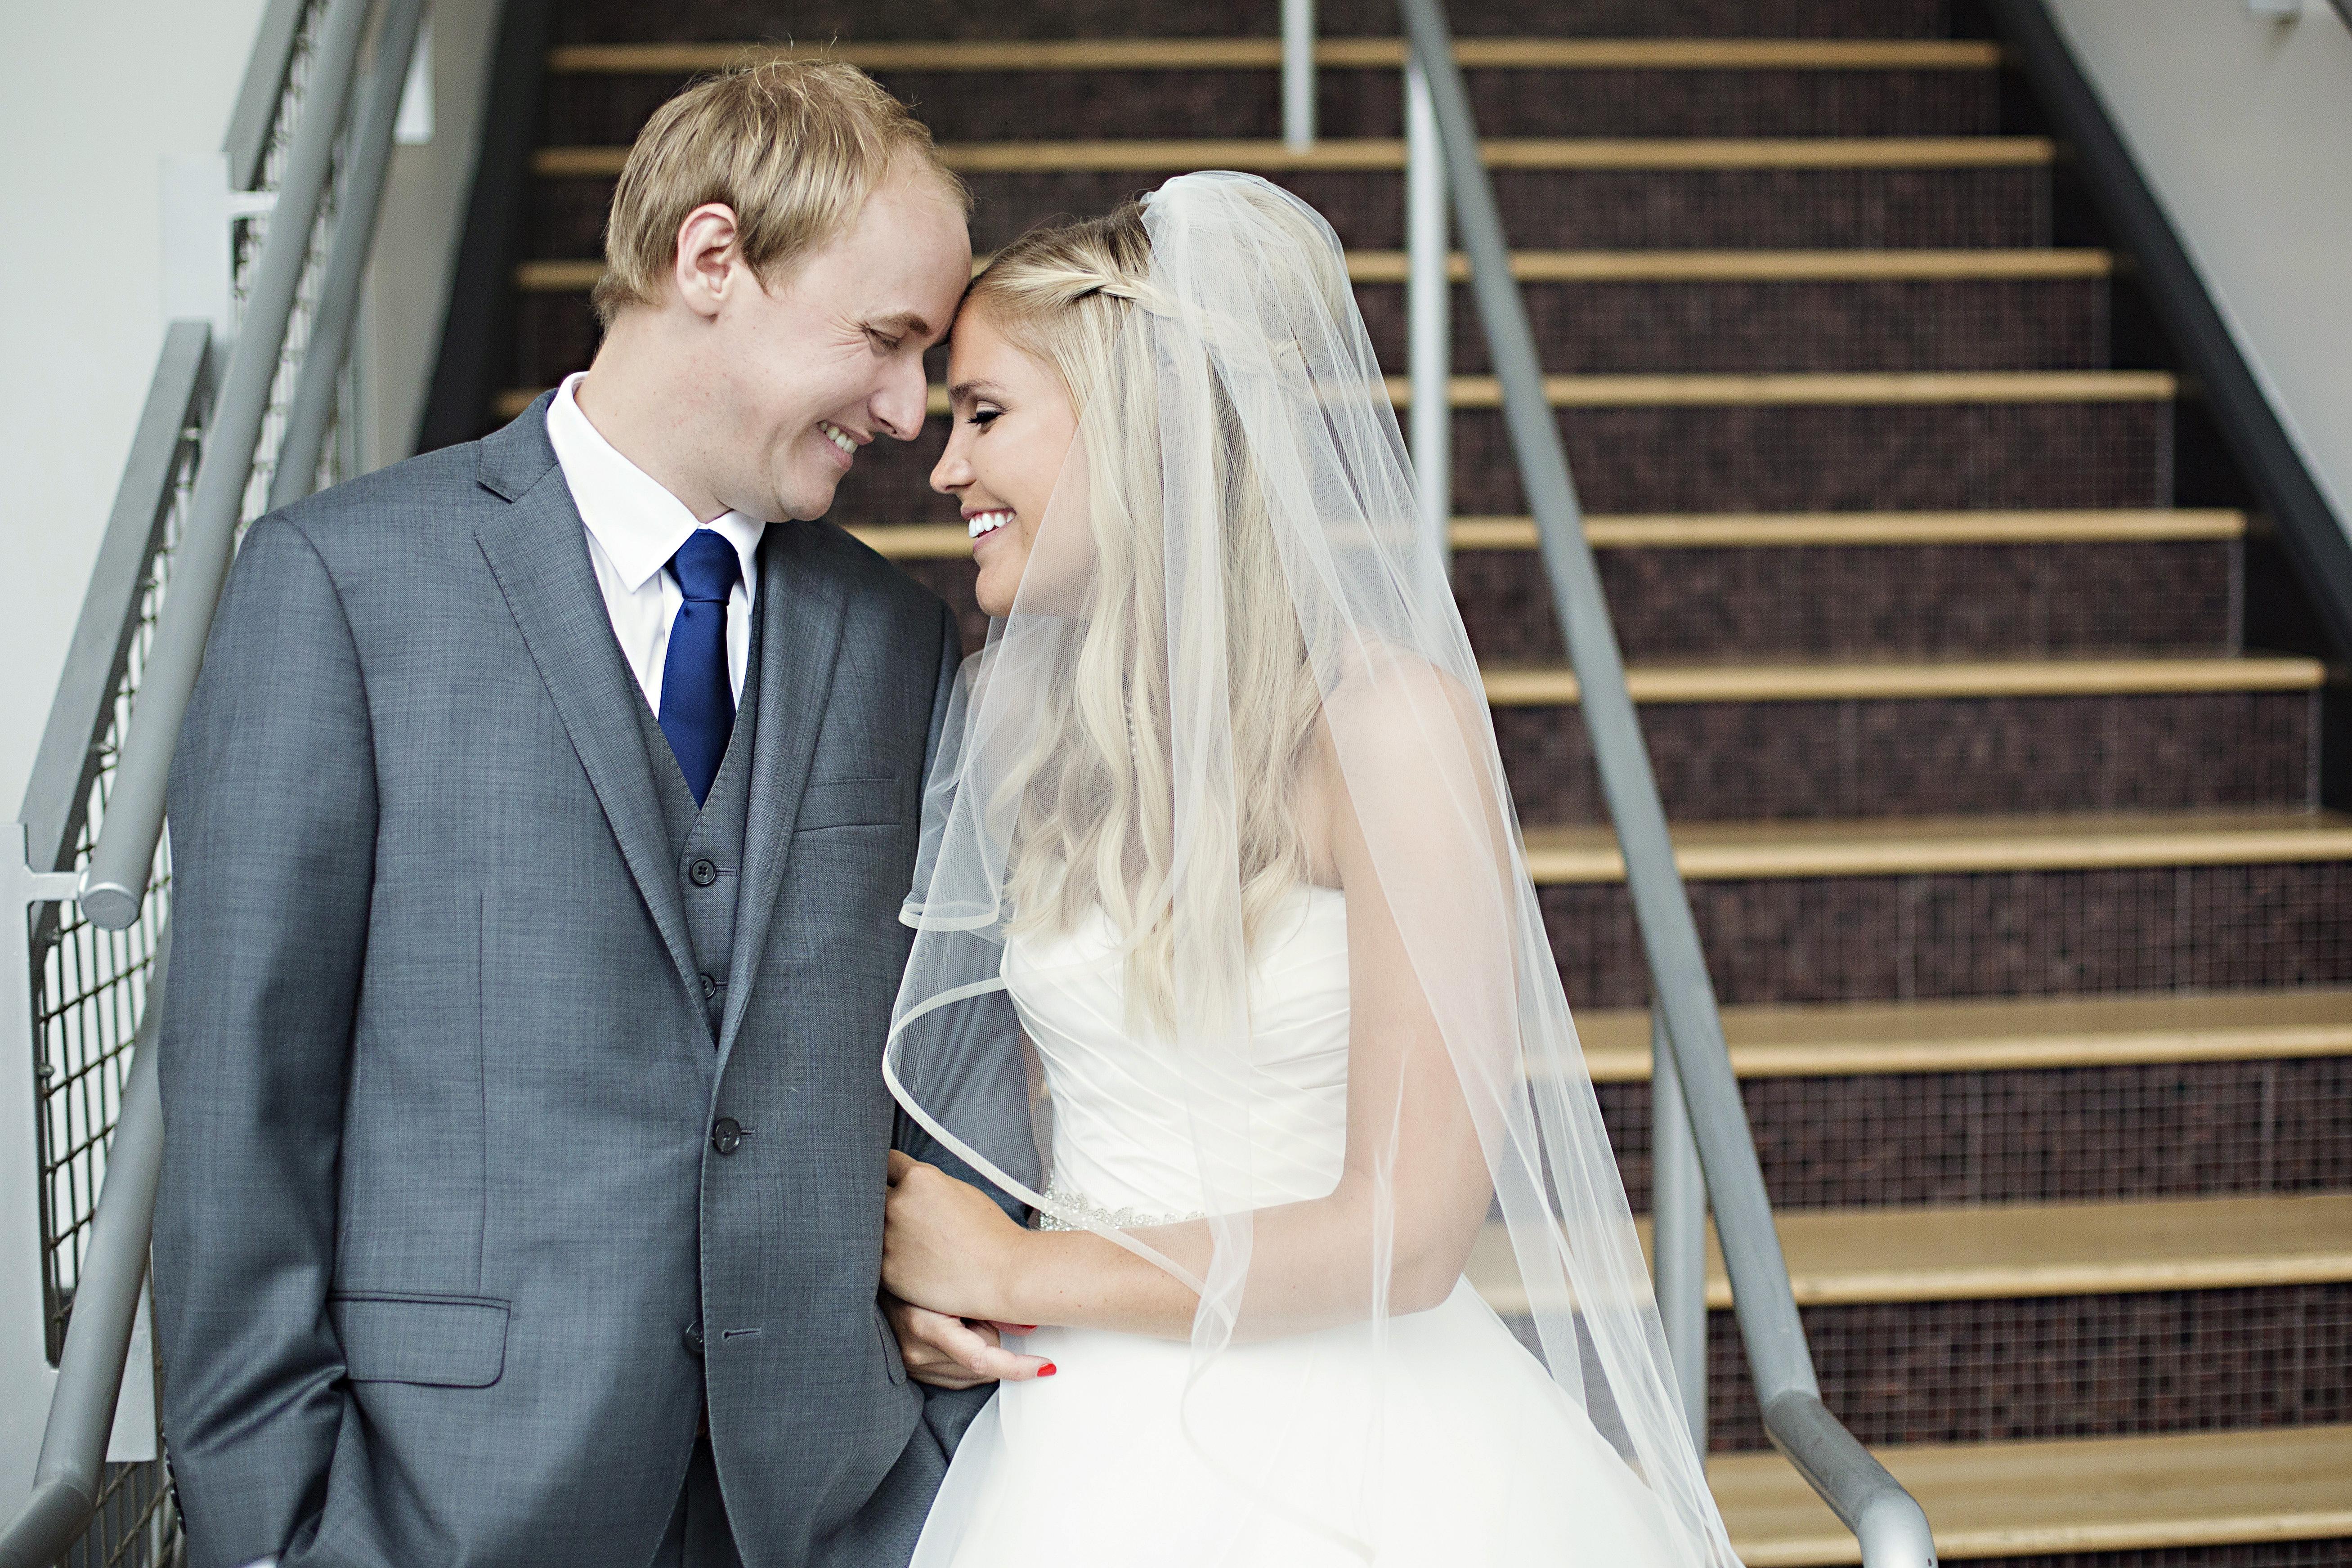 Real Weddings: Ashley + Kevin – Destination Wedding Reception